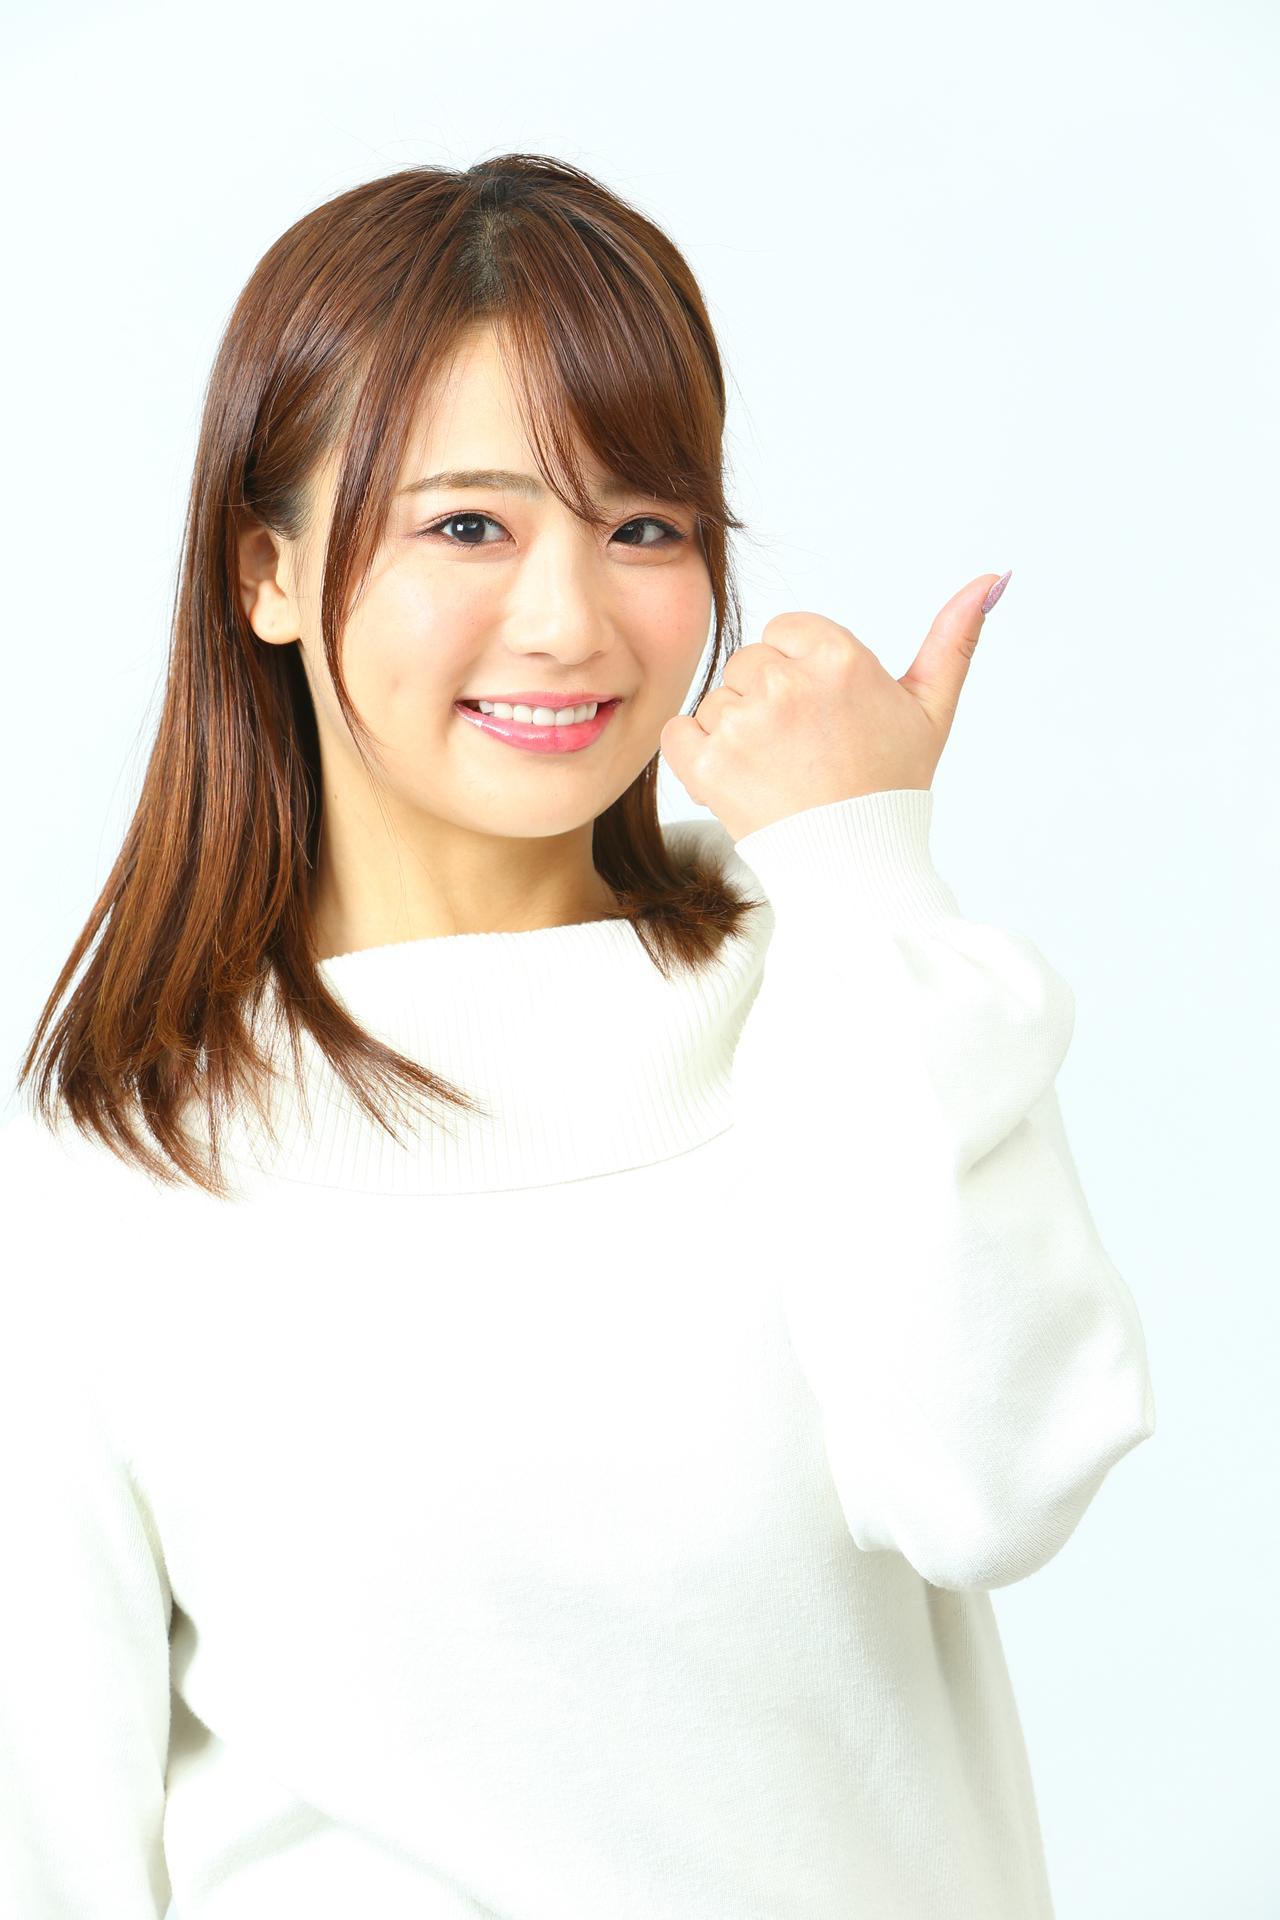 画像4: 平嶋夏海の「つま先メモリアル」 (第2回:KAWASAKI Z650、Ninja650)